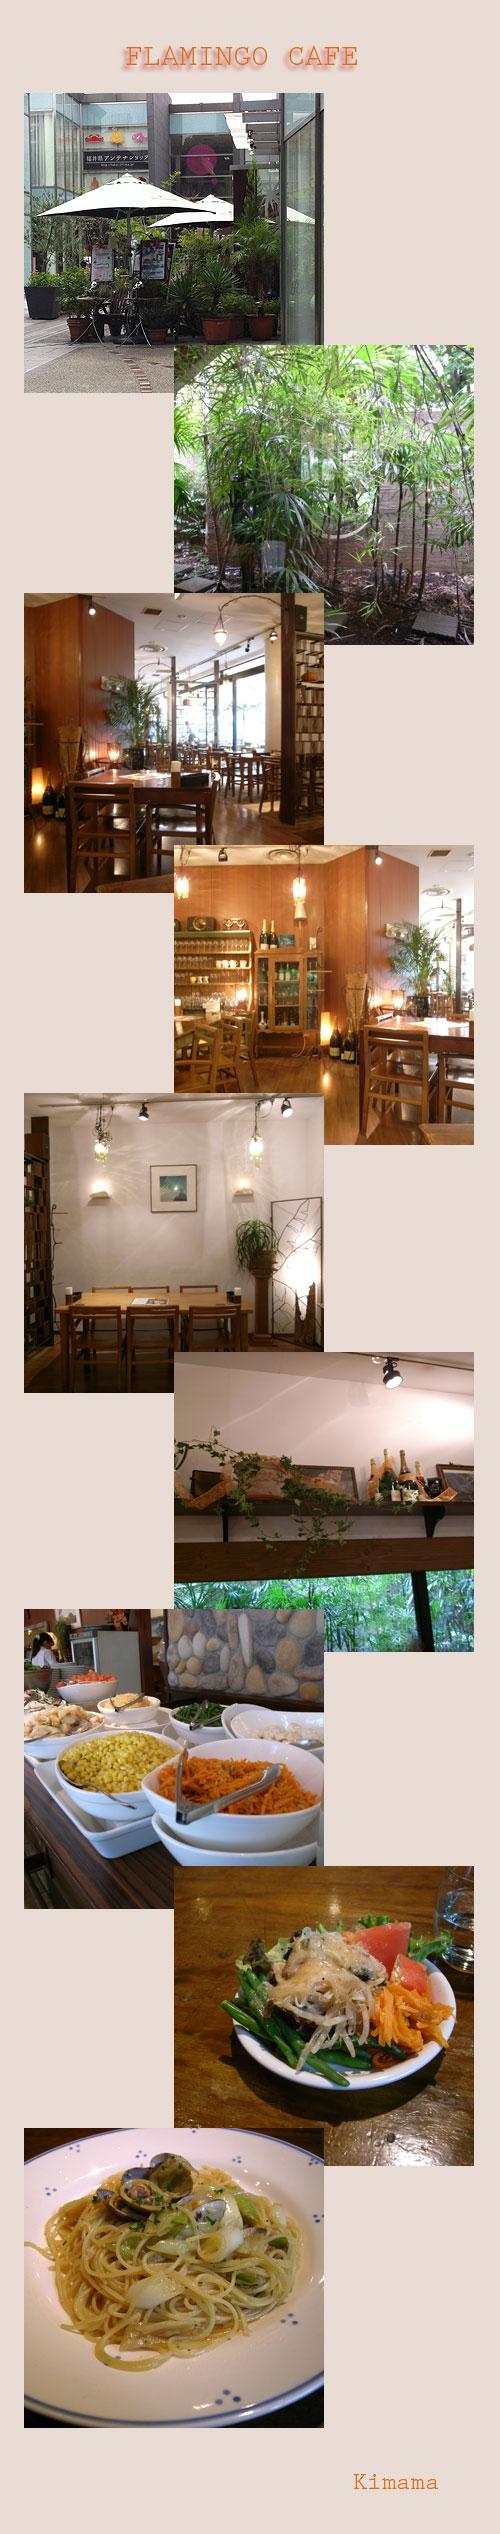 10月13日フラミンゴカフェ